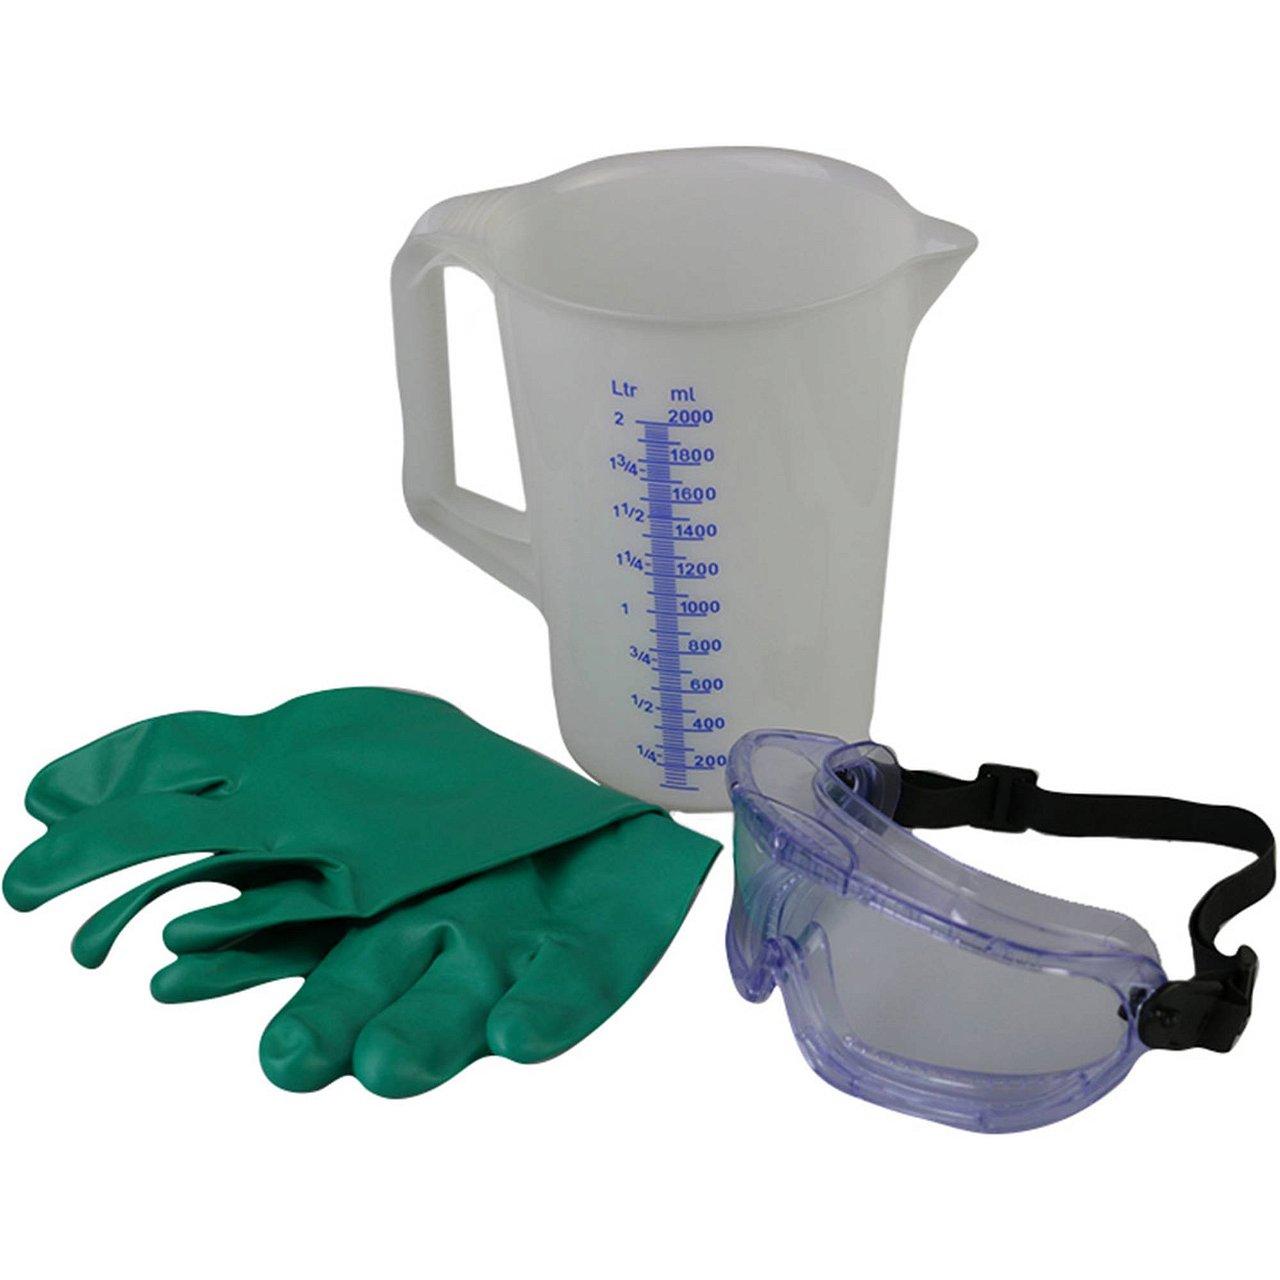 Chemie-Sicherheitsmess-Set- Messbecher, Schutzbrille, Schutzhandschuh, Web Shop